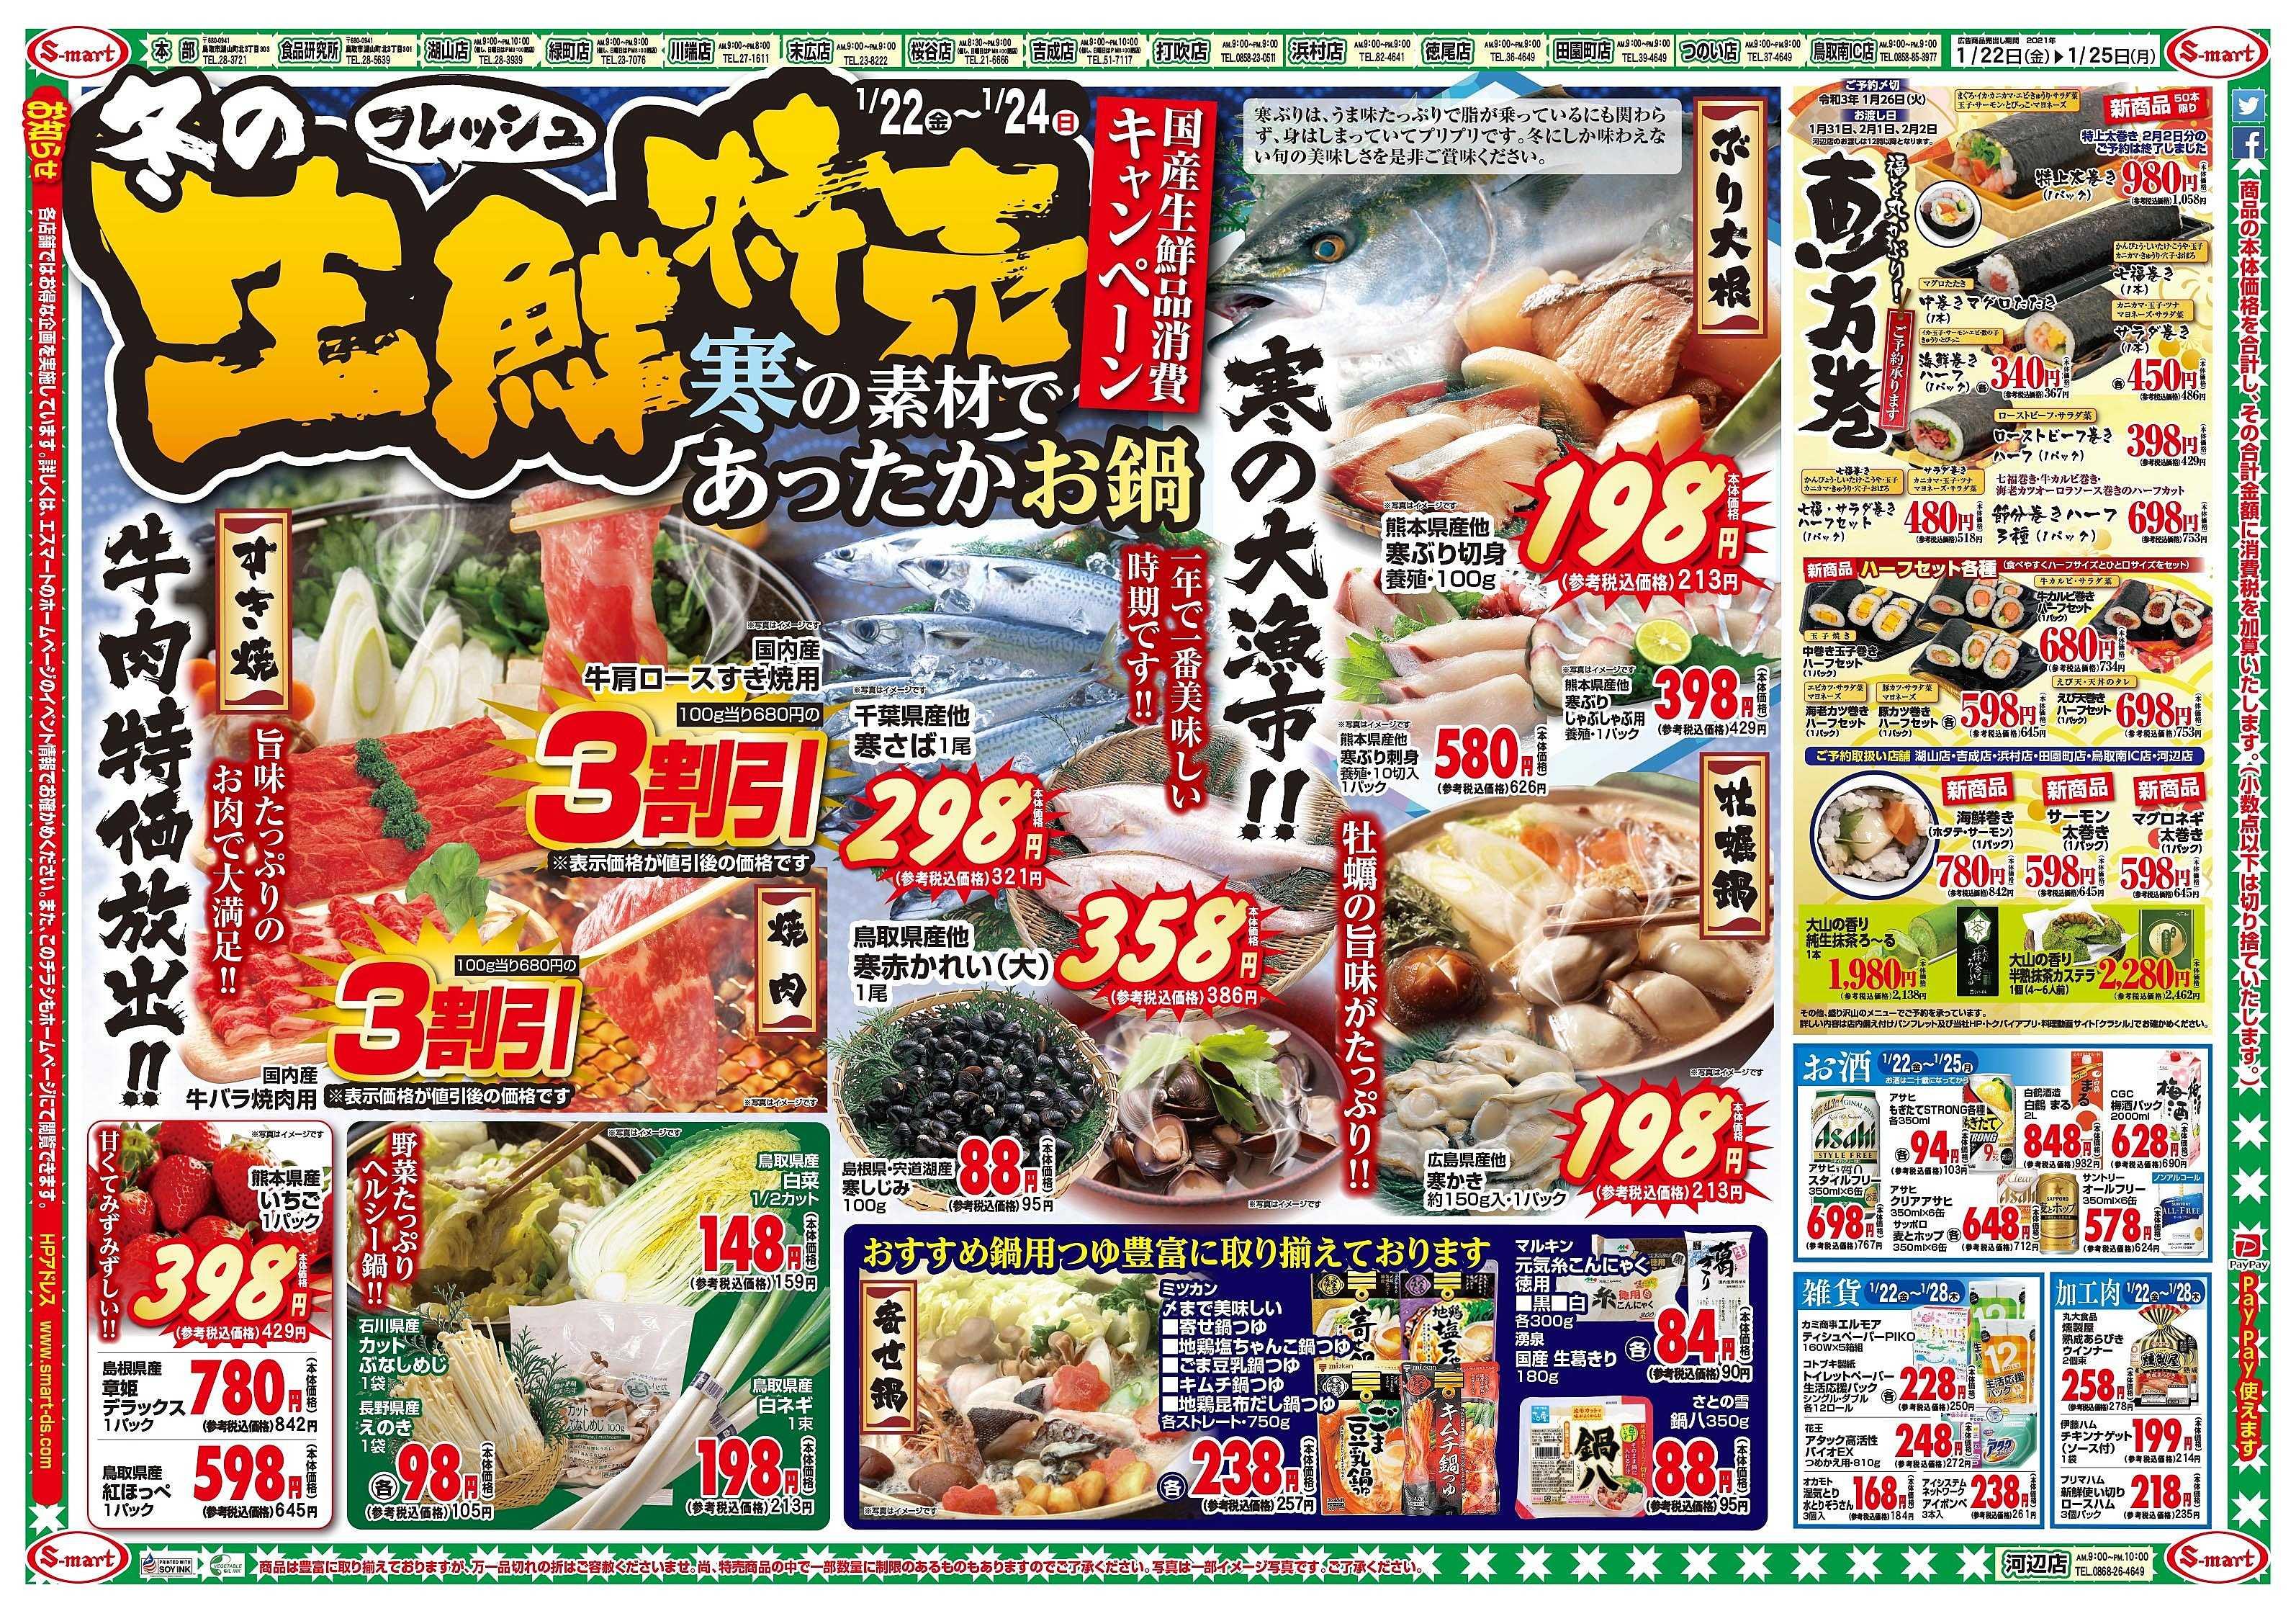 エスマート 国産生鮮品消費キャンペーン!冬の生鮮特売。めちゃ安っ!lの寒の素材であったかお鍋